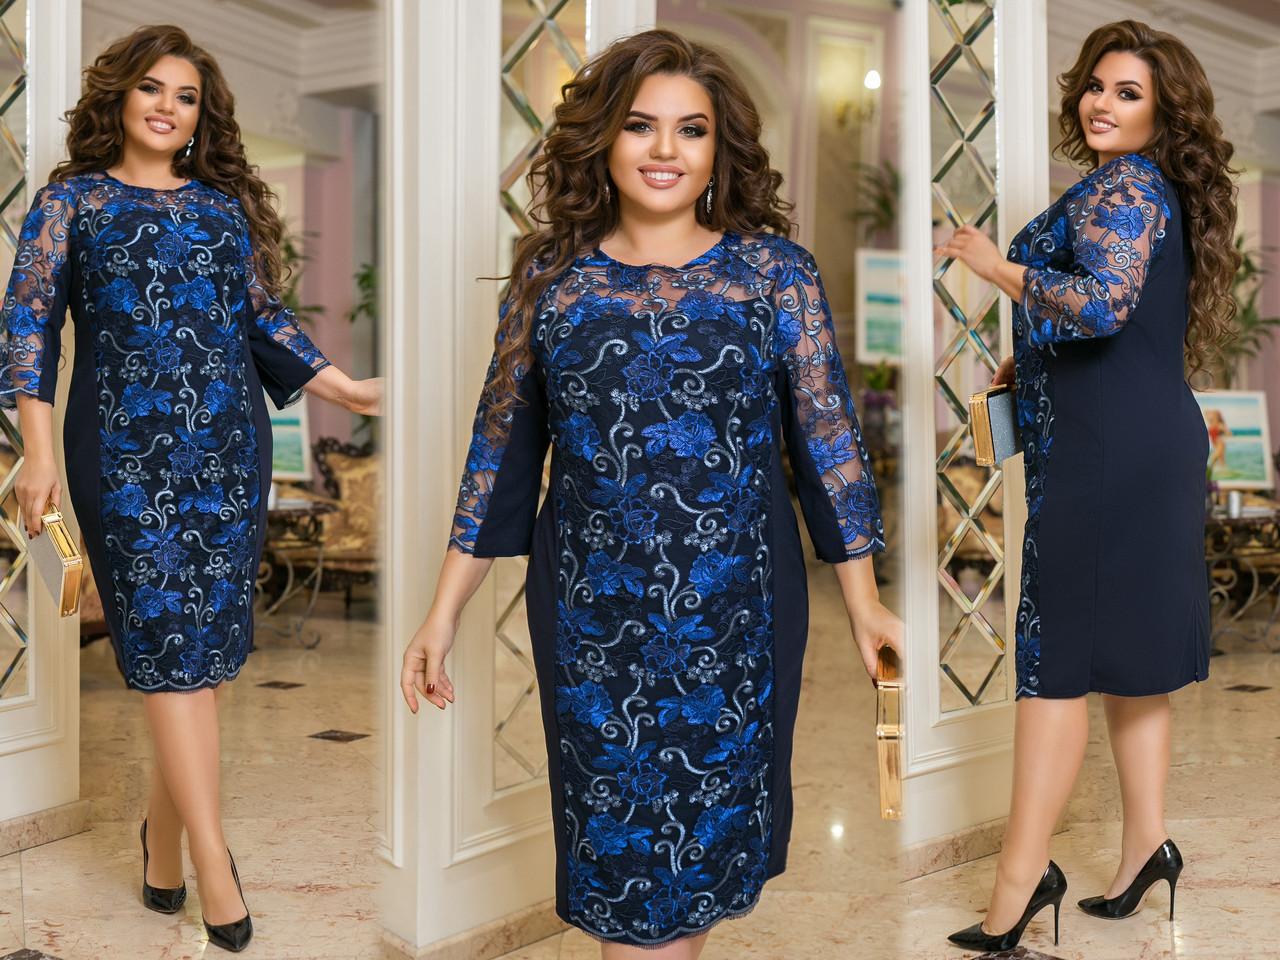 Красивое платье женское Турецкий креп дайвинг и гипюр Размер 50 52 54 56 58 60 62 64 Разные цвета